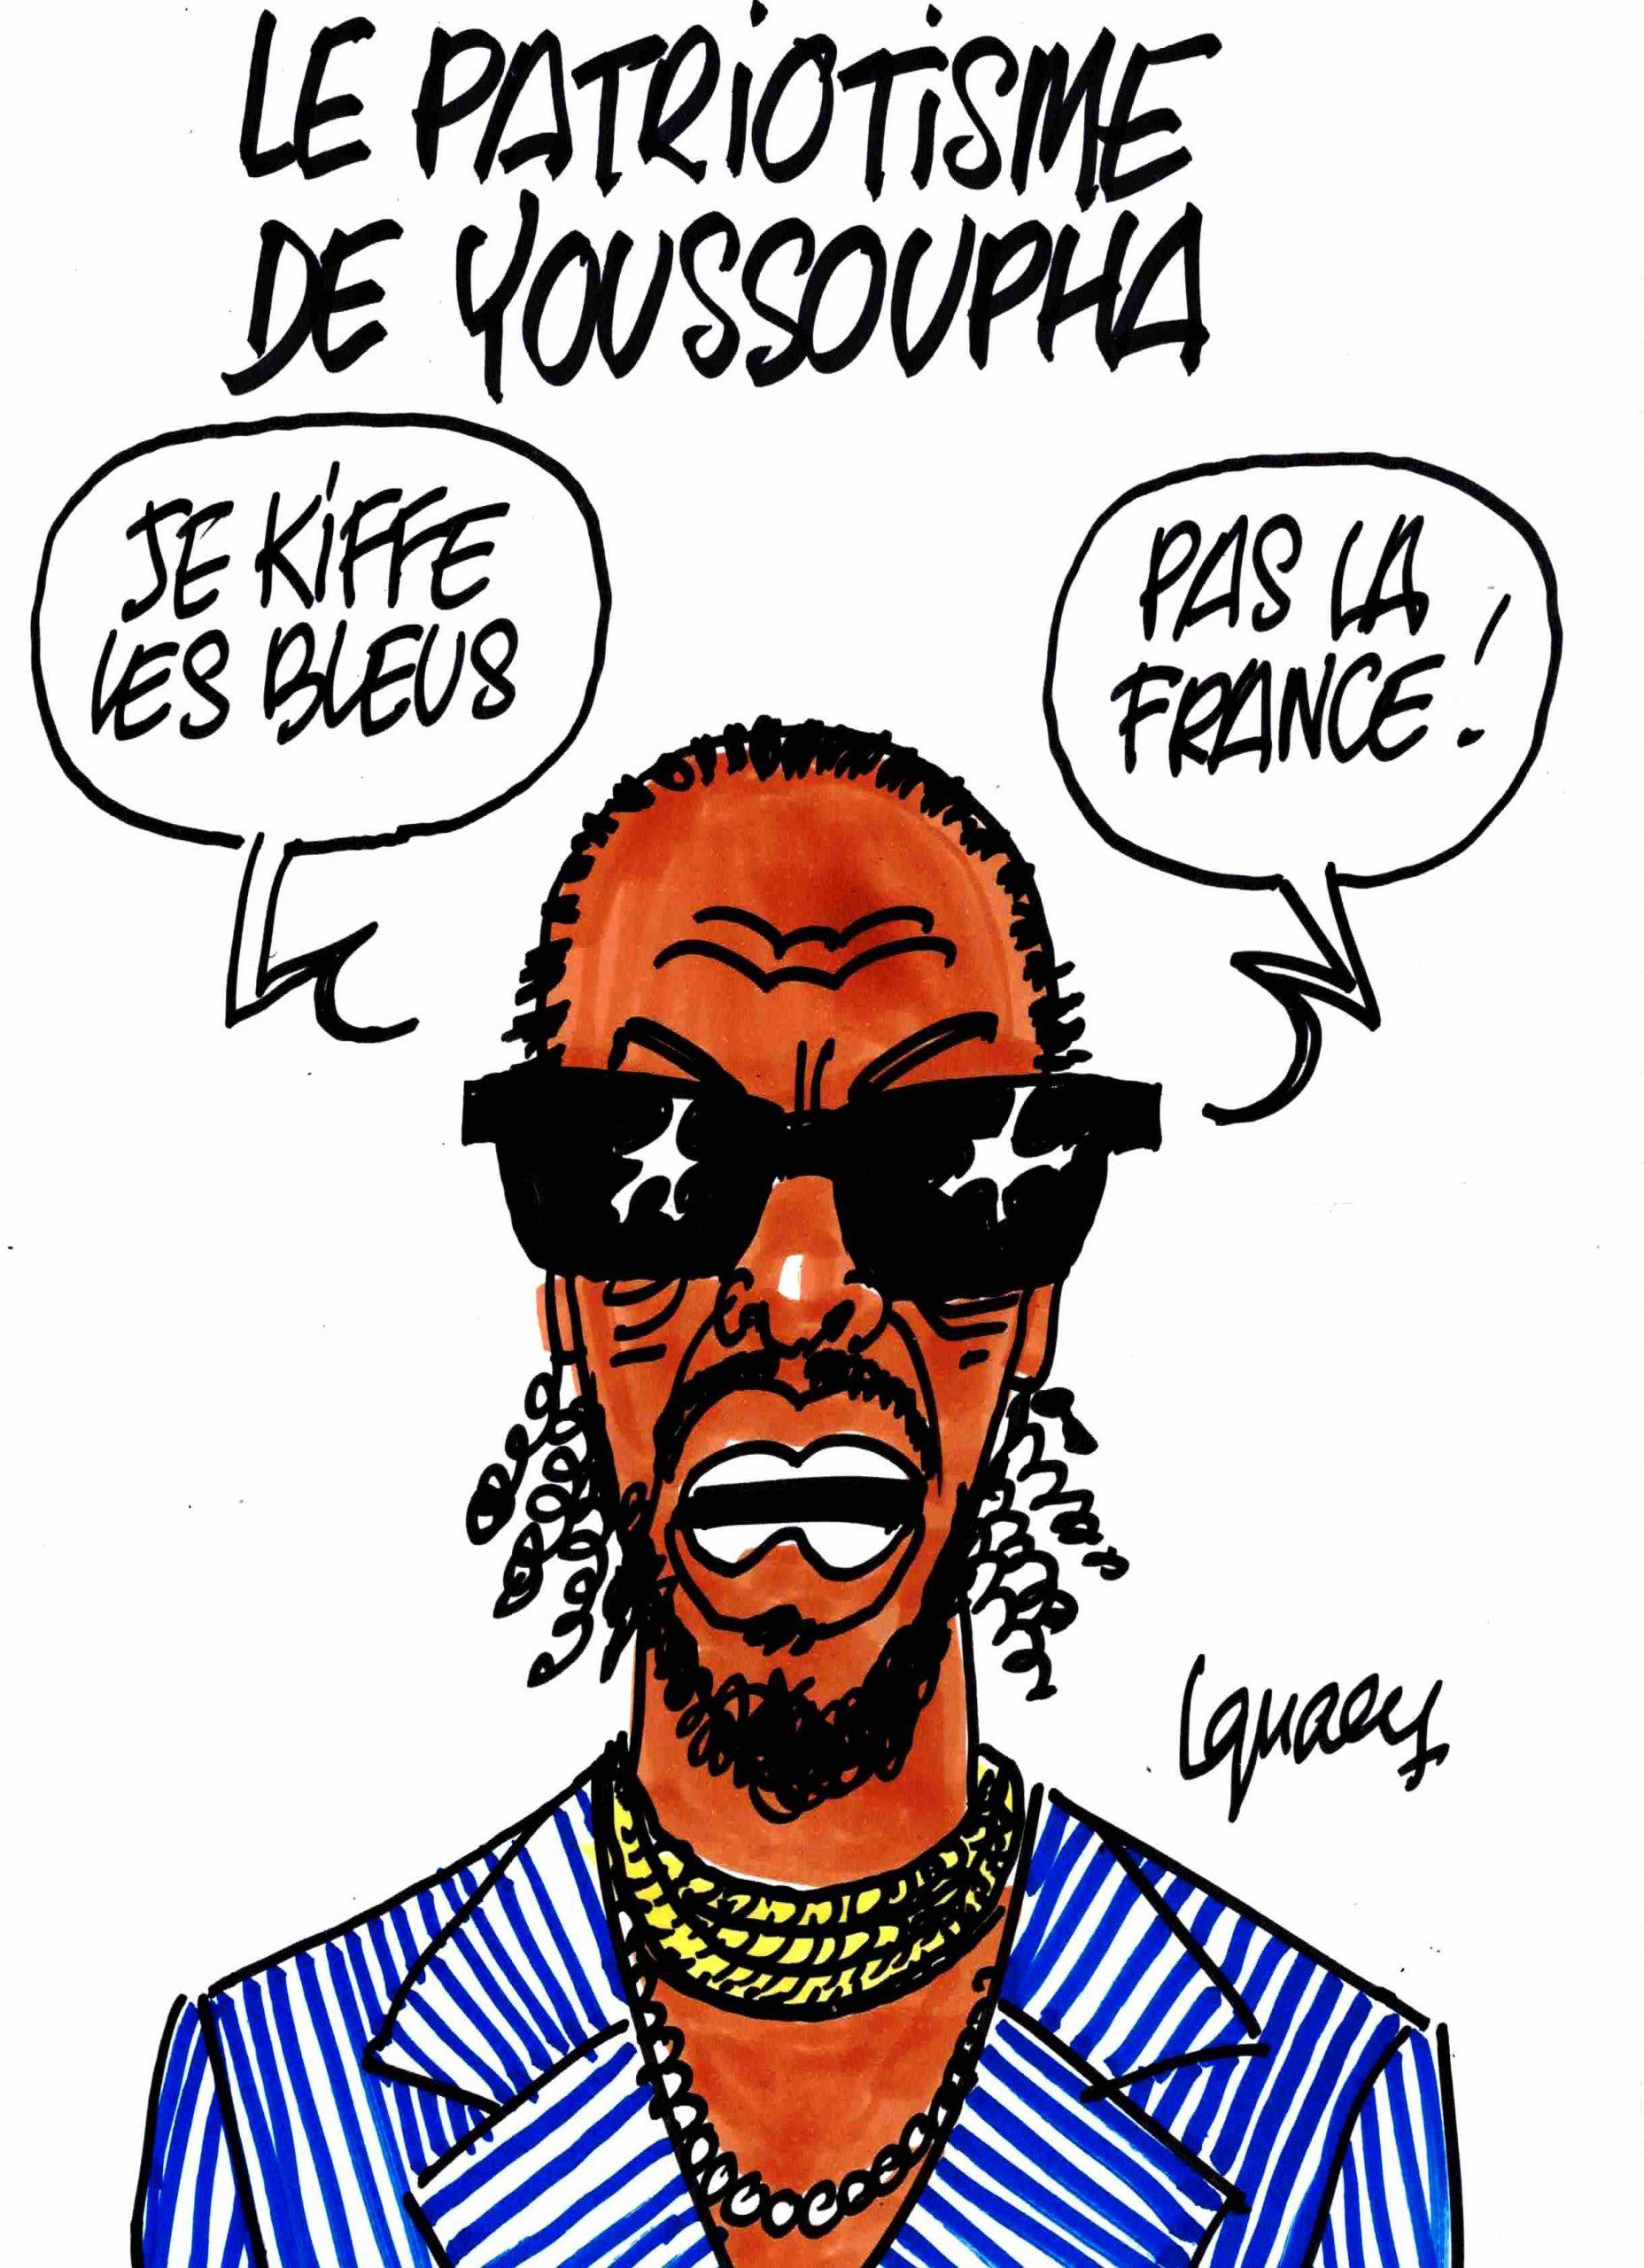 Ignace - Le patriotisme de Youssoupha